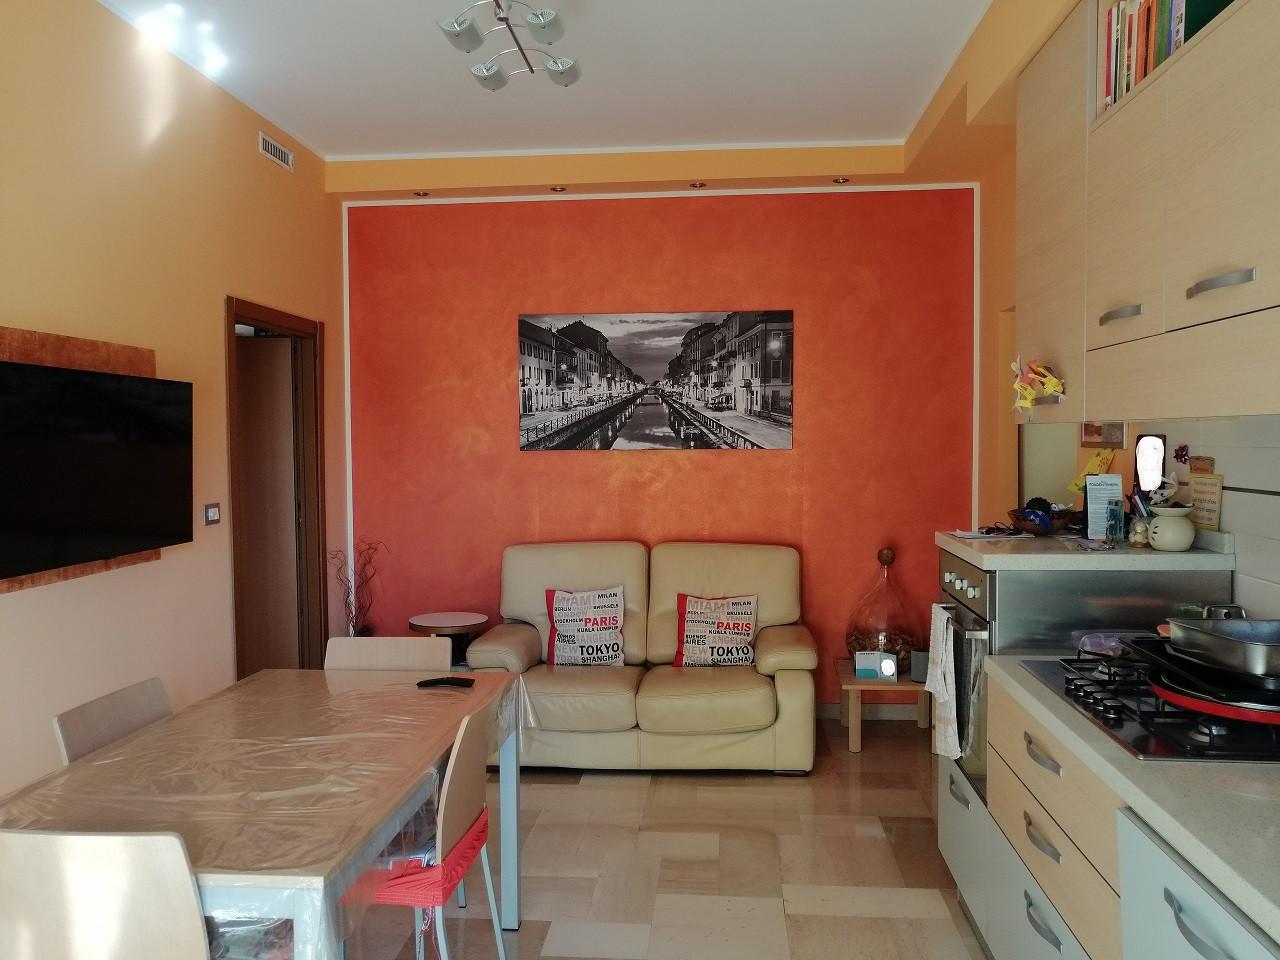 appartamenti-in-vendita-milano-baggio-2-locali-via-valle-antrona-8-spaziourbano-immobiliare-vene-9